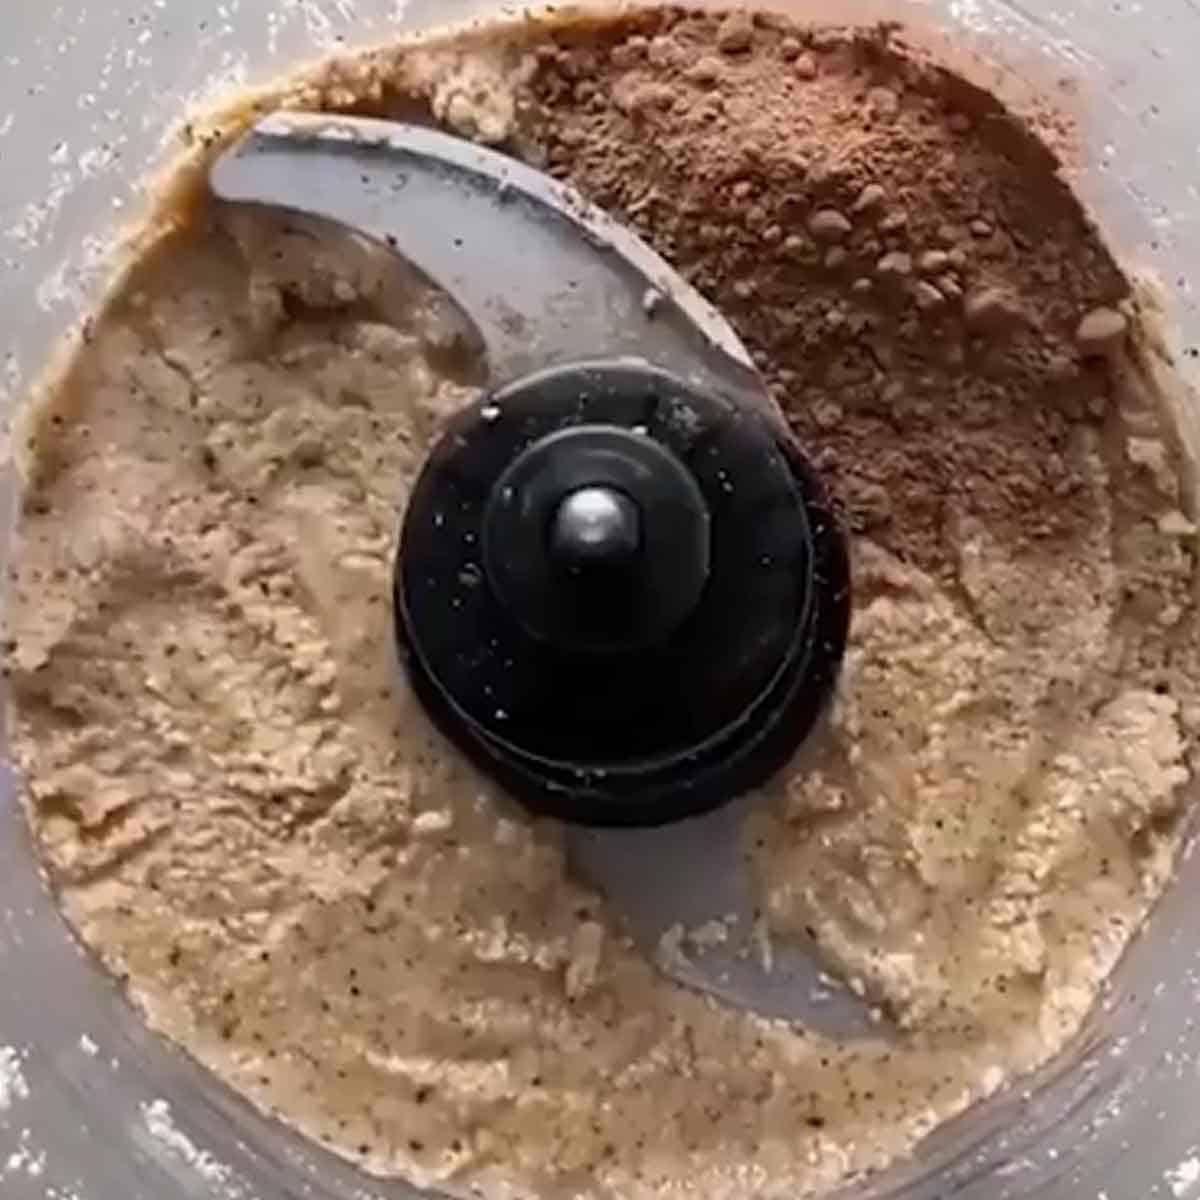 betendo-as-amendoas-para-fazer-a-nutella-vegana Nutella Vegana